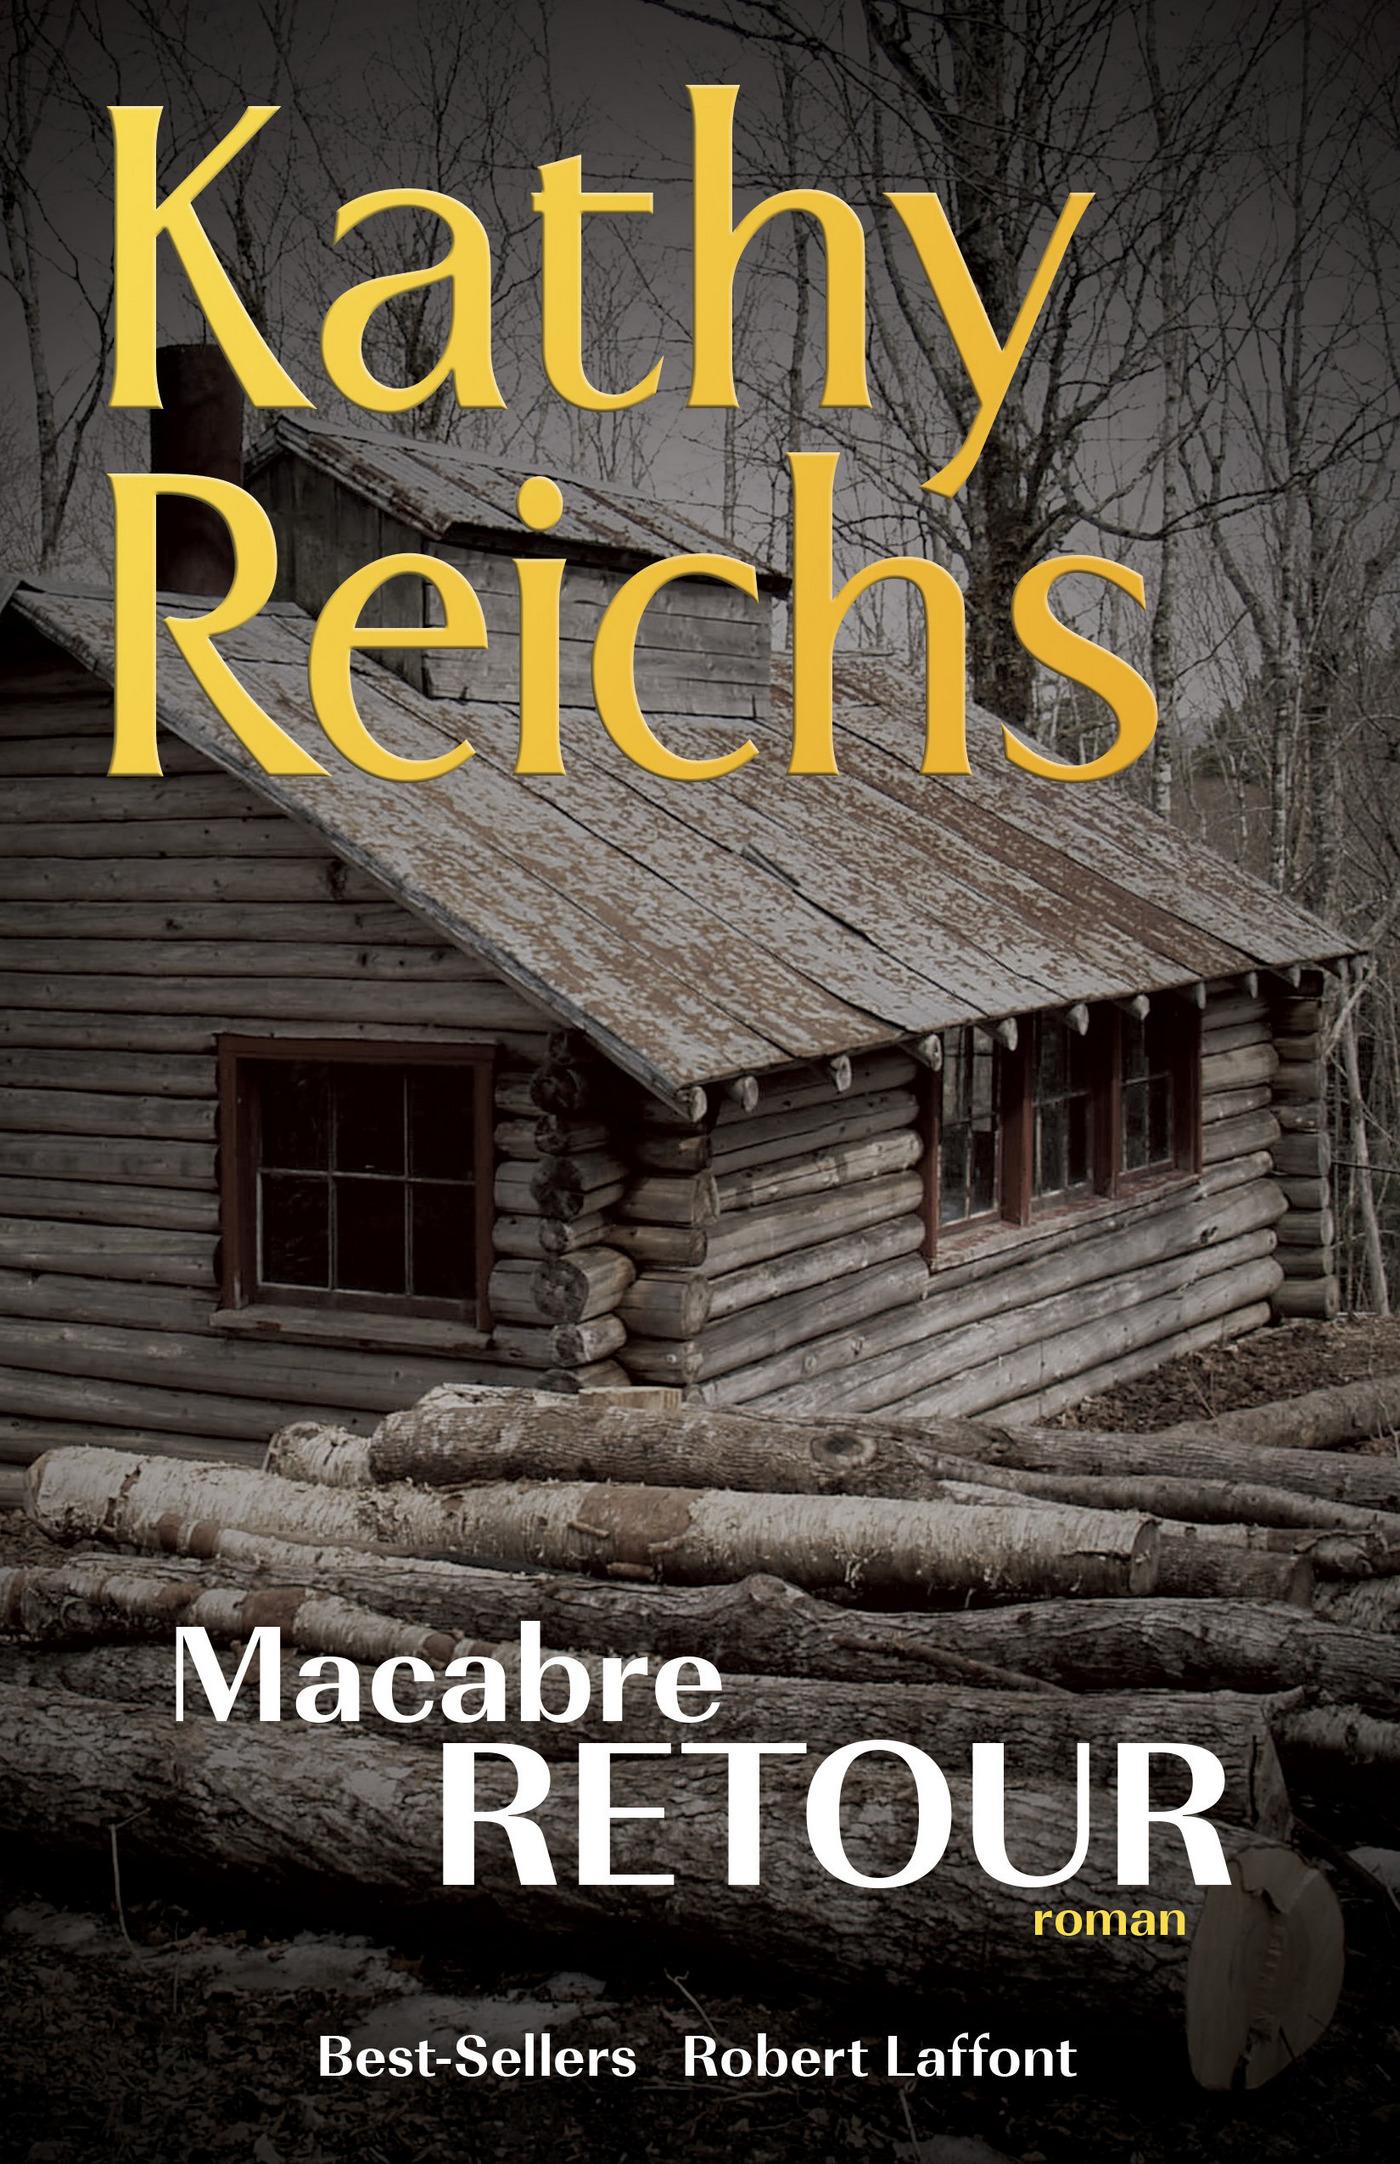 Couverture : Macabre retour Kathy Reichs